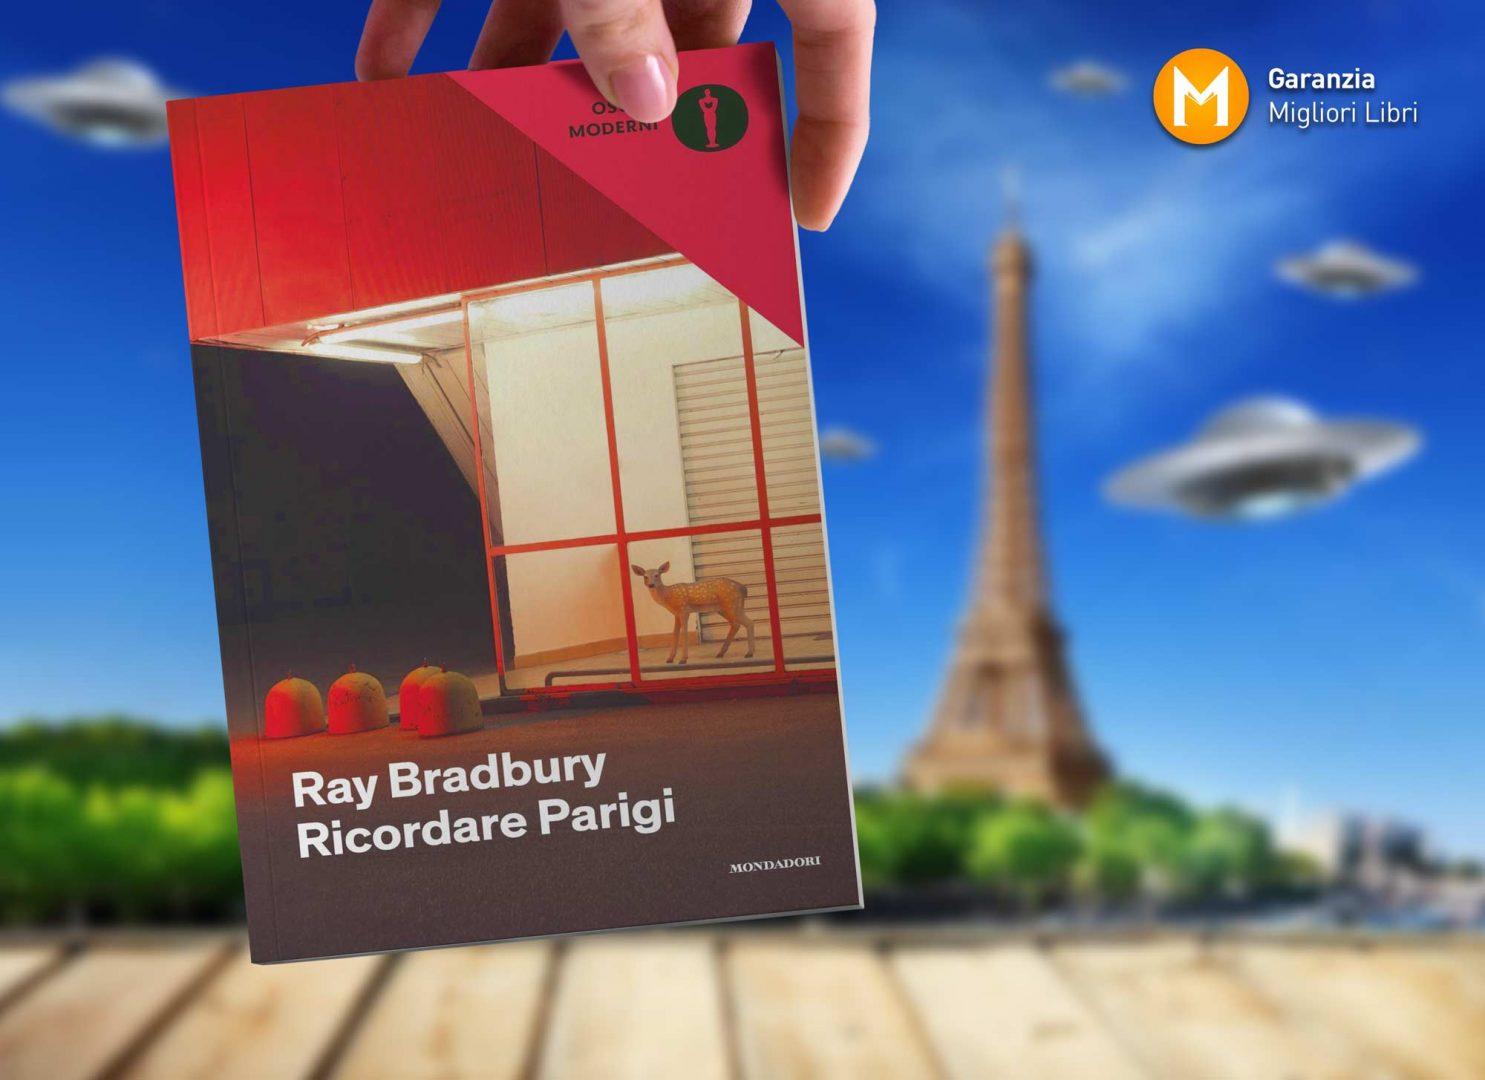 libro-ray-bradbury-migliore-consigliato